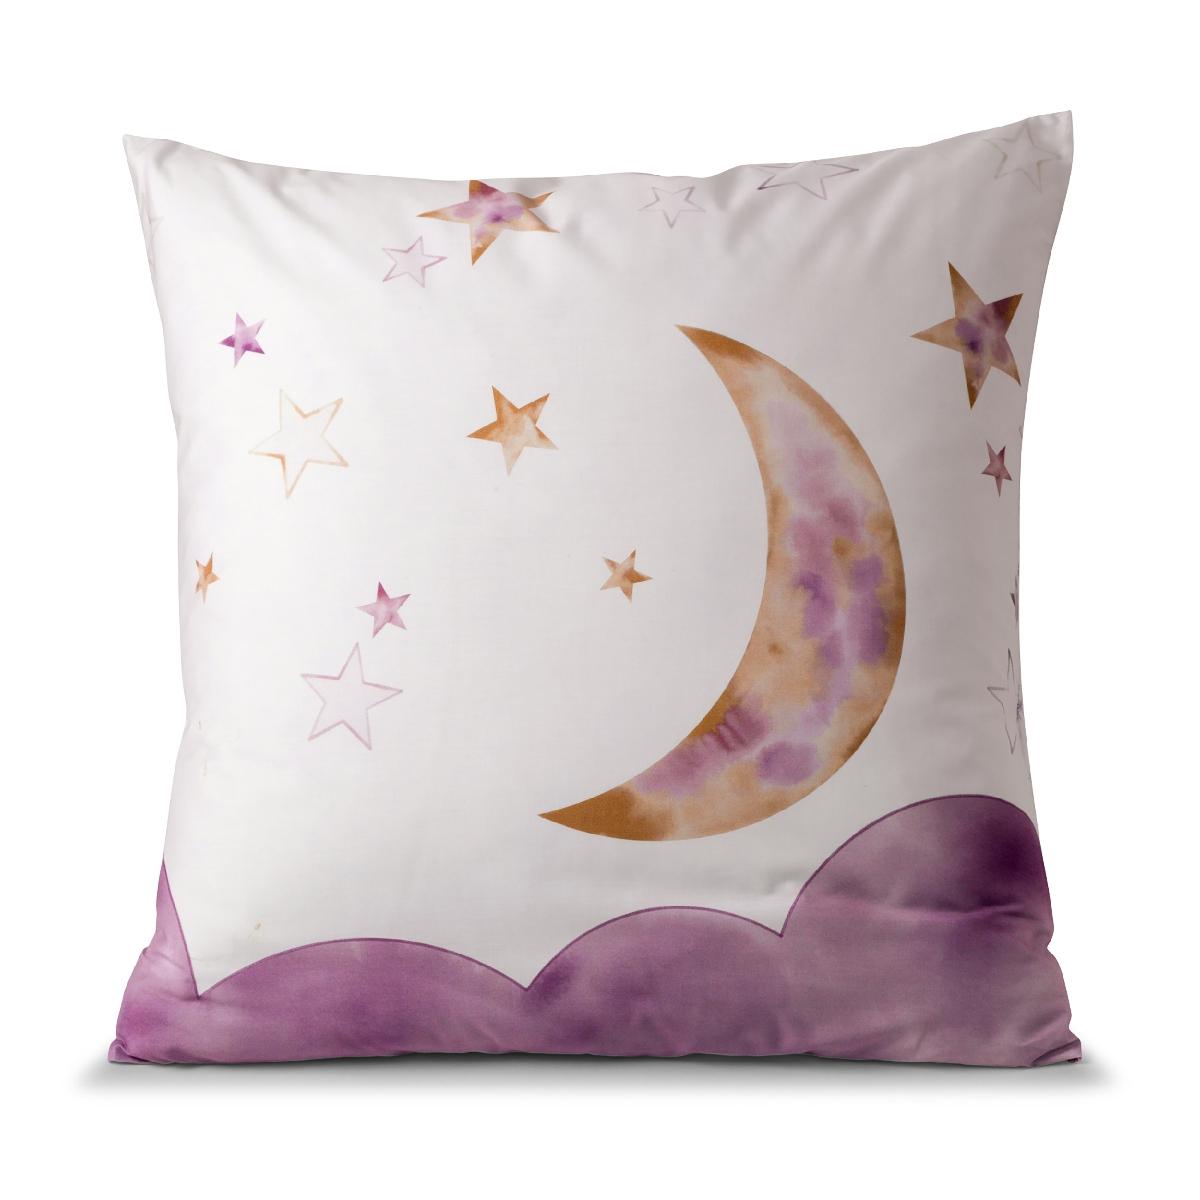 Taie d'oreiller Luna | Linge de lit enfant | Tradition des vosges